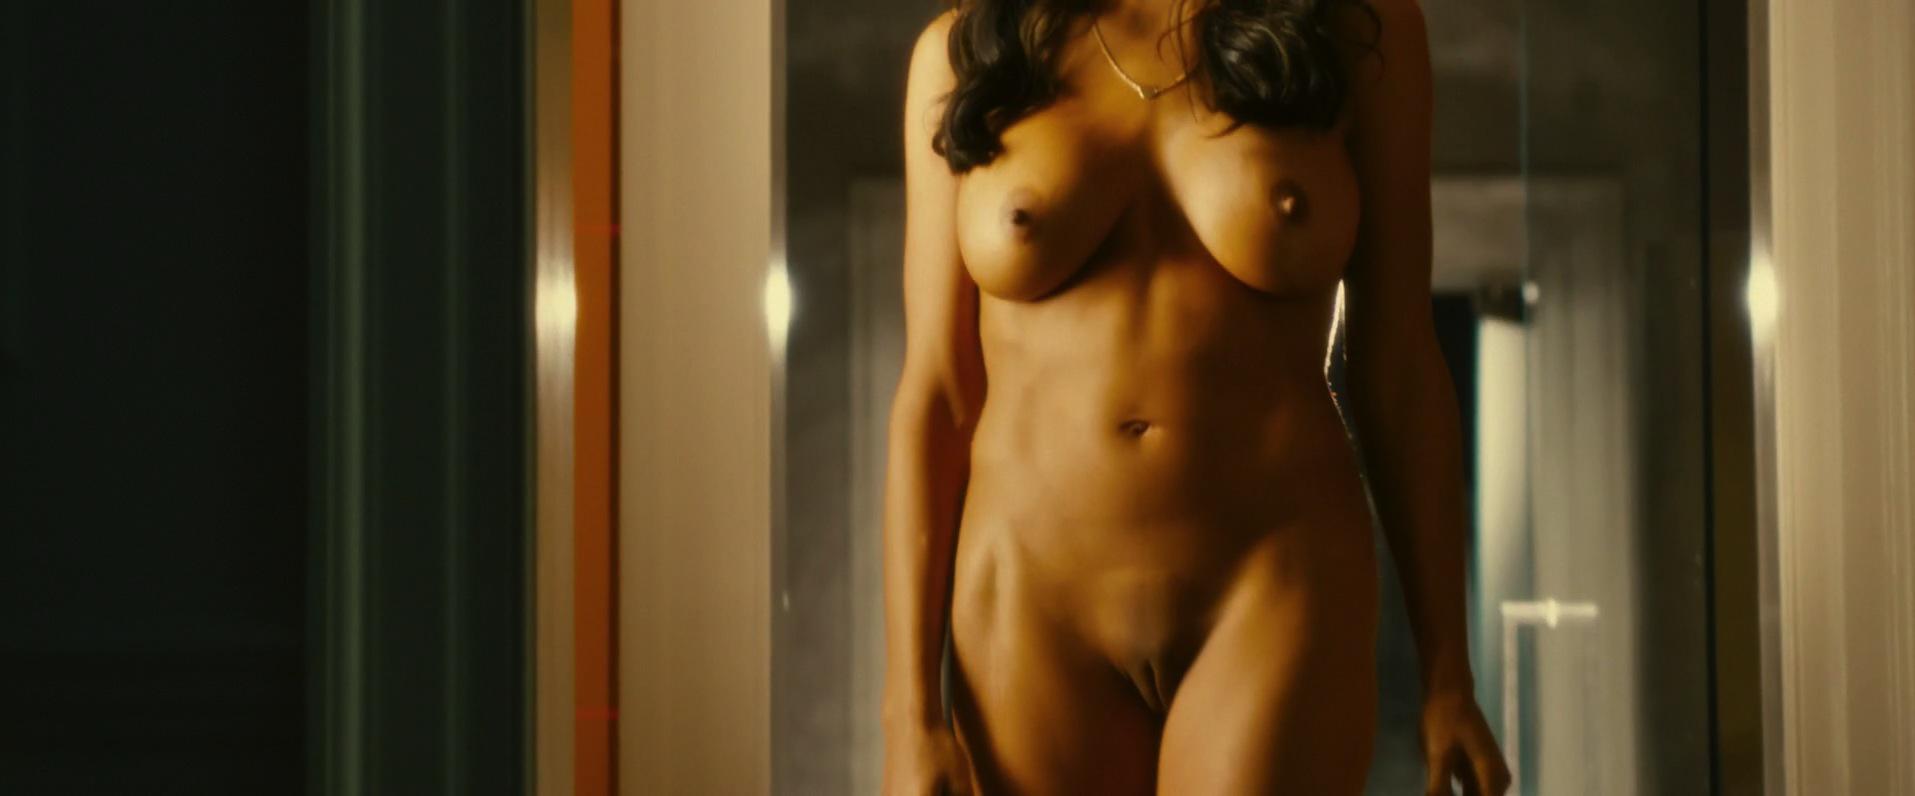 Rosario dawson nude pics pics, sex tape ancensored